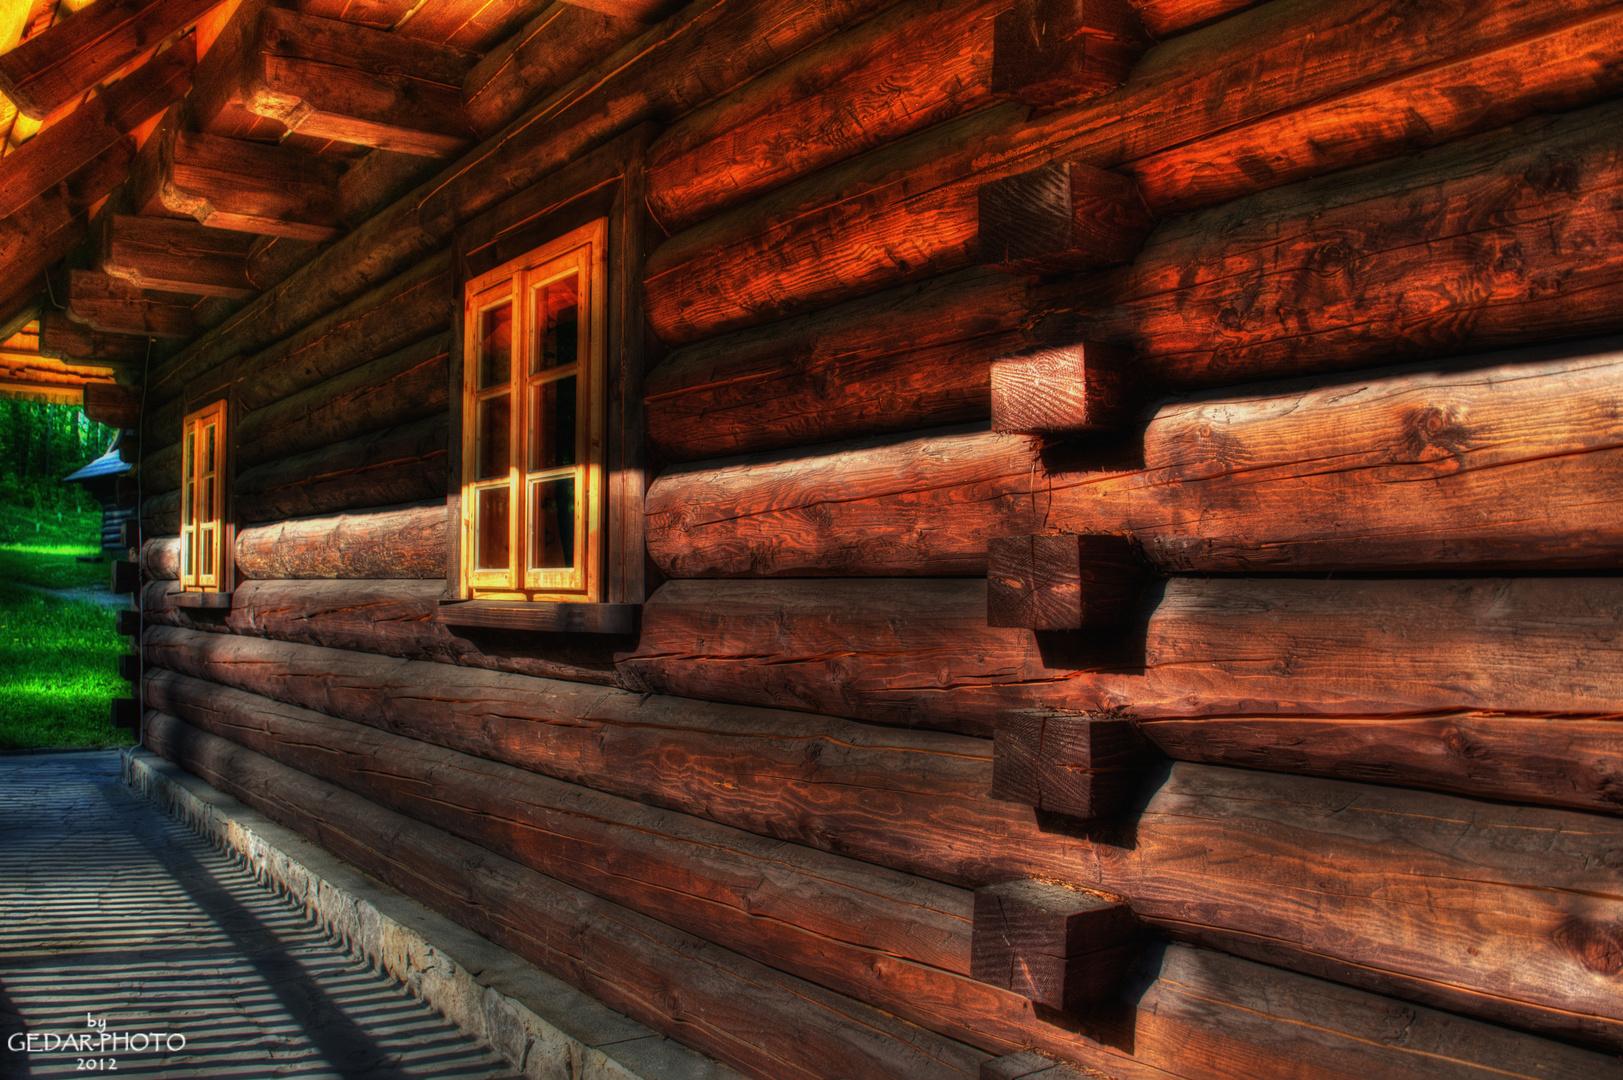 Holzhaus eines Gorales (Chata Góralska)